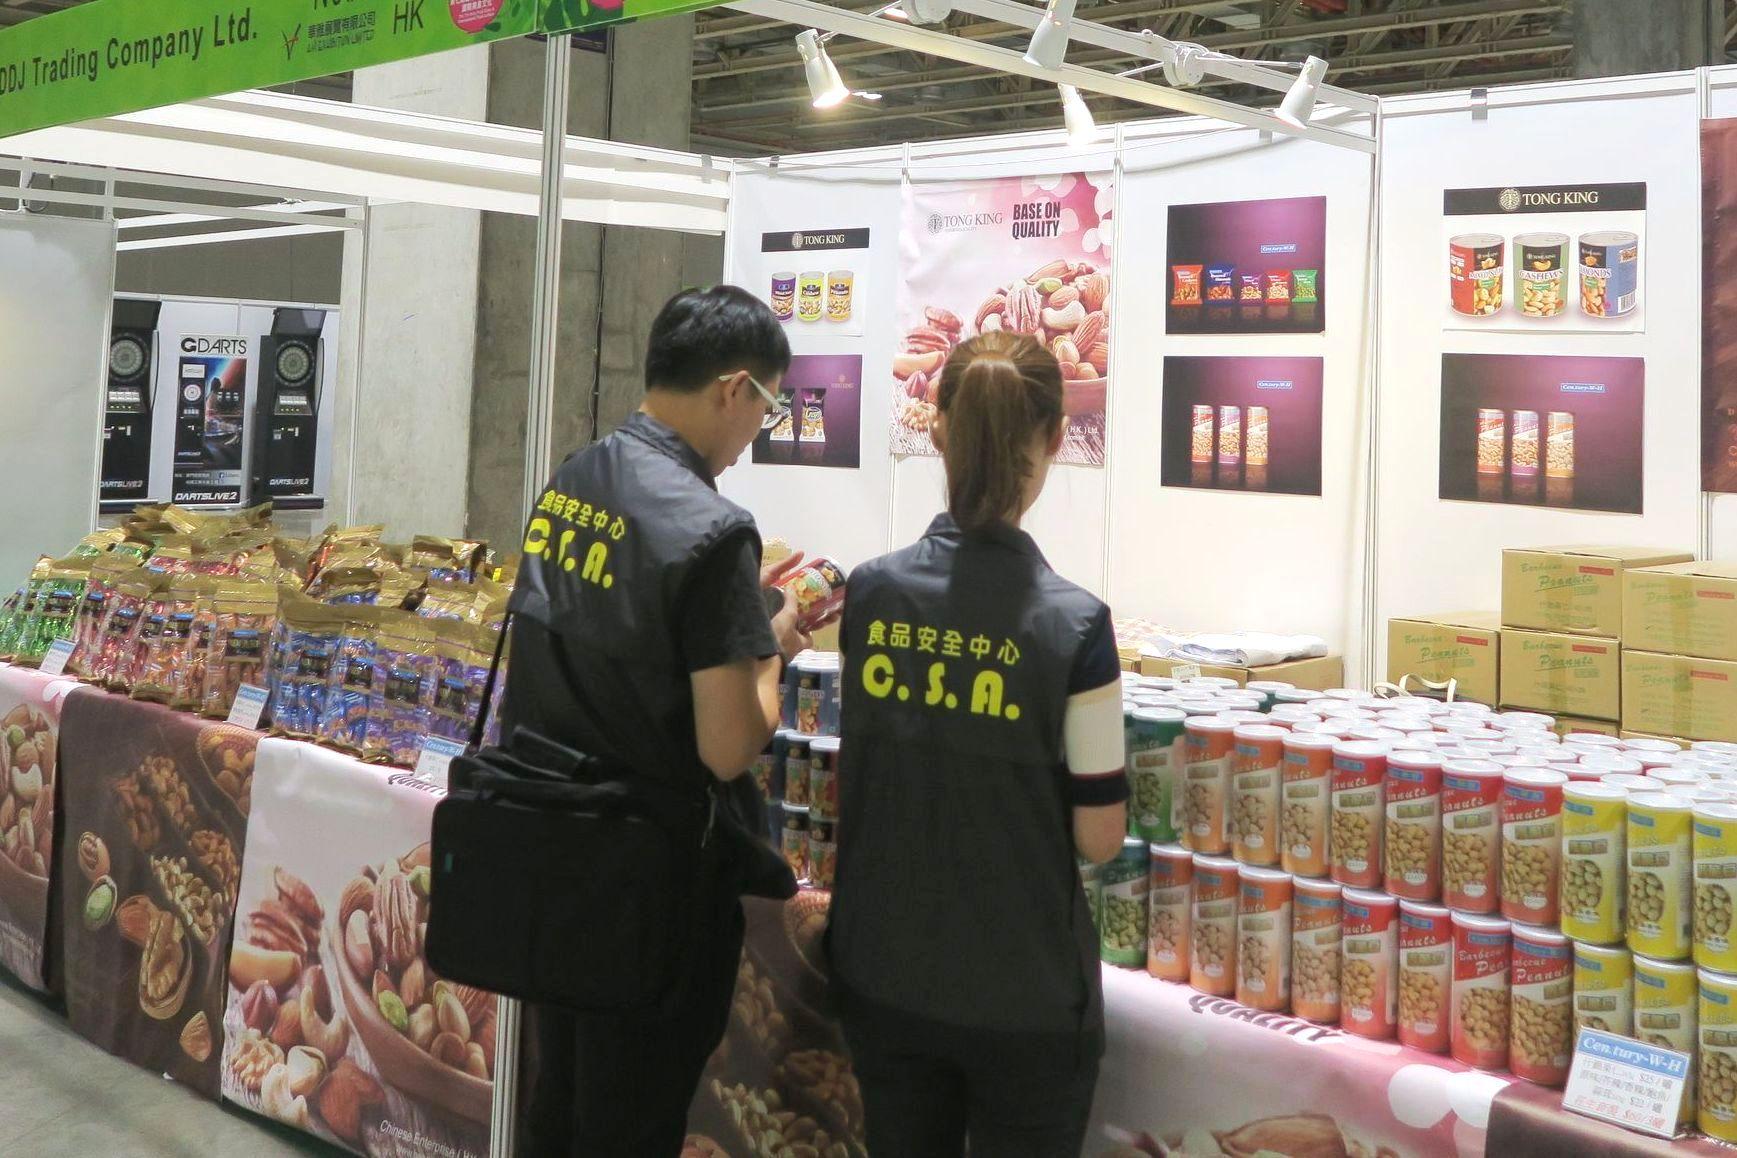 IACM | Lotes de mel com substâncias cancerígenas não se vendem em Macau